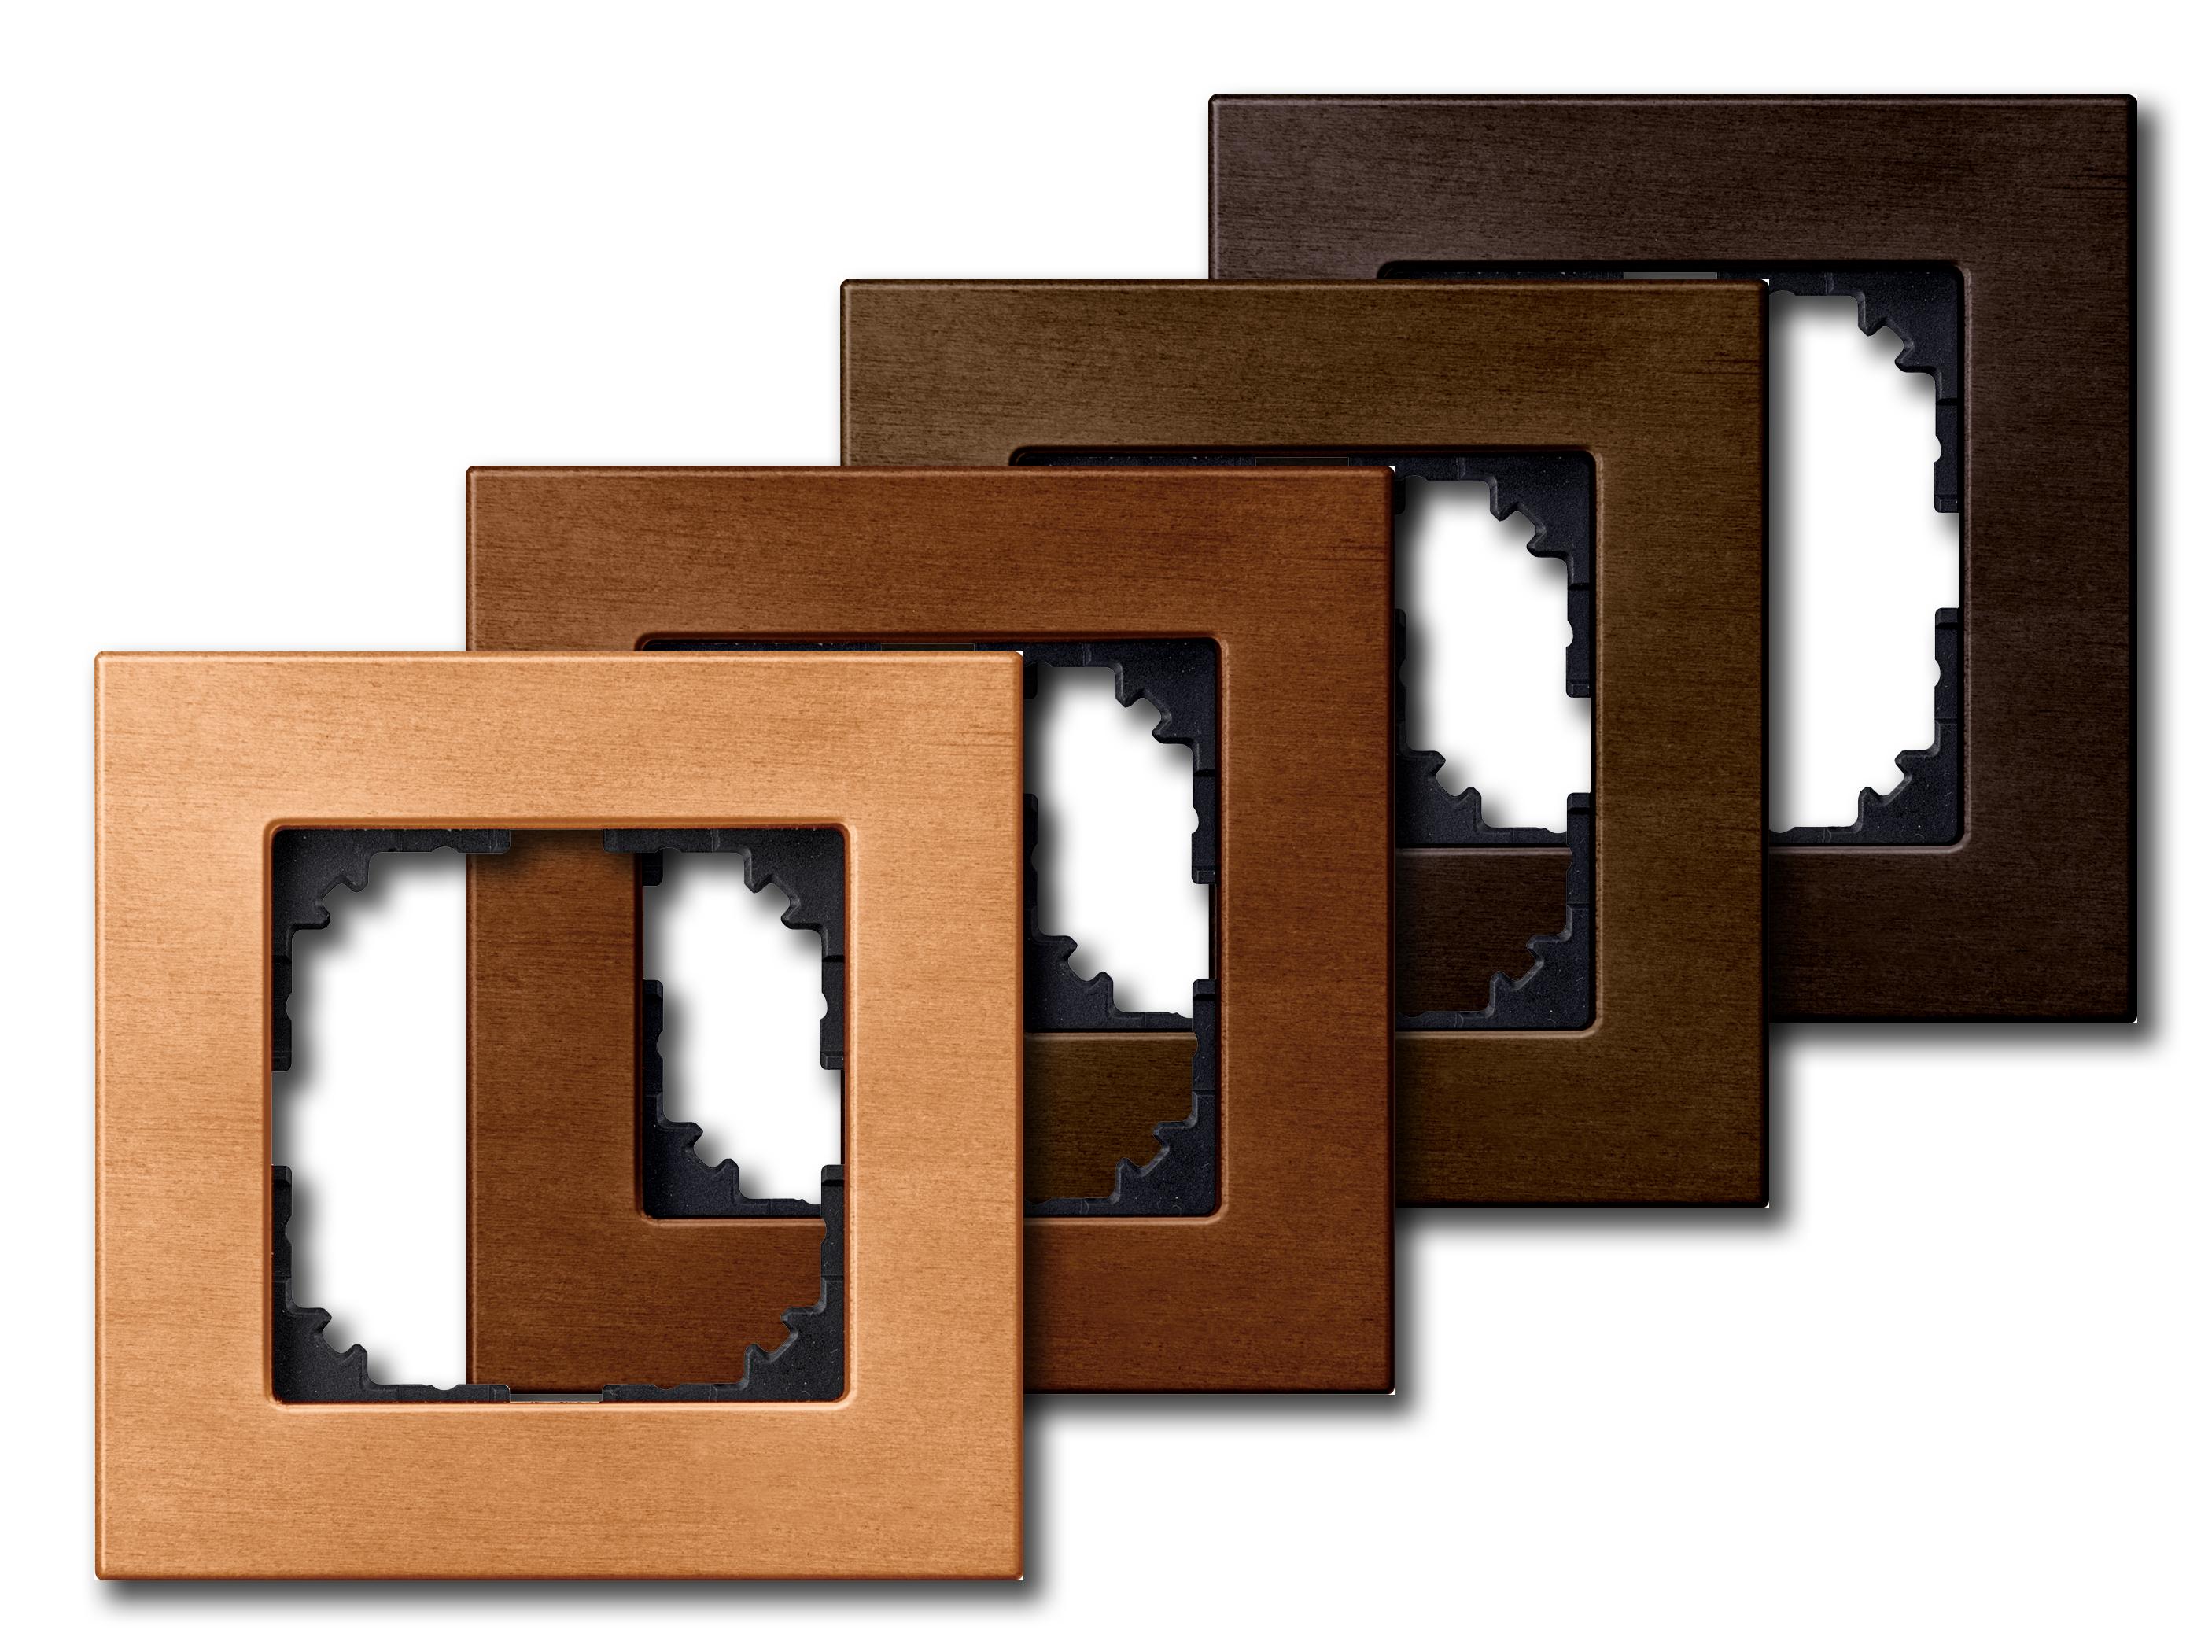 das neue merten rahmendesign m plan echtholz aus besonderem holz geschnitzt voltimum deutschland. Black Bedroom Furniture Sets. Home Design Ideas